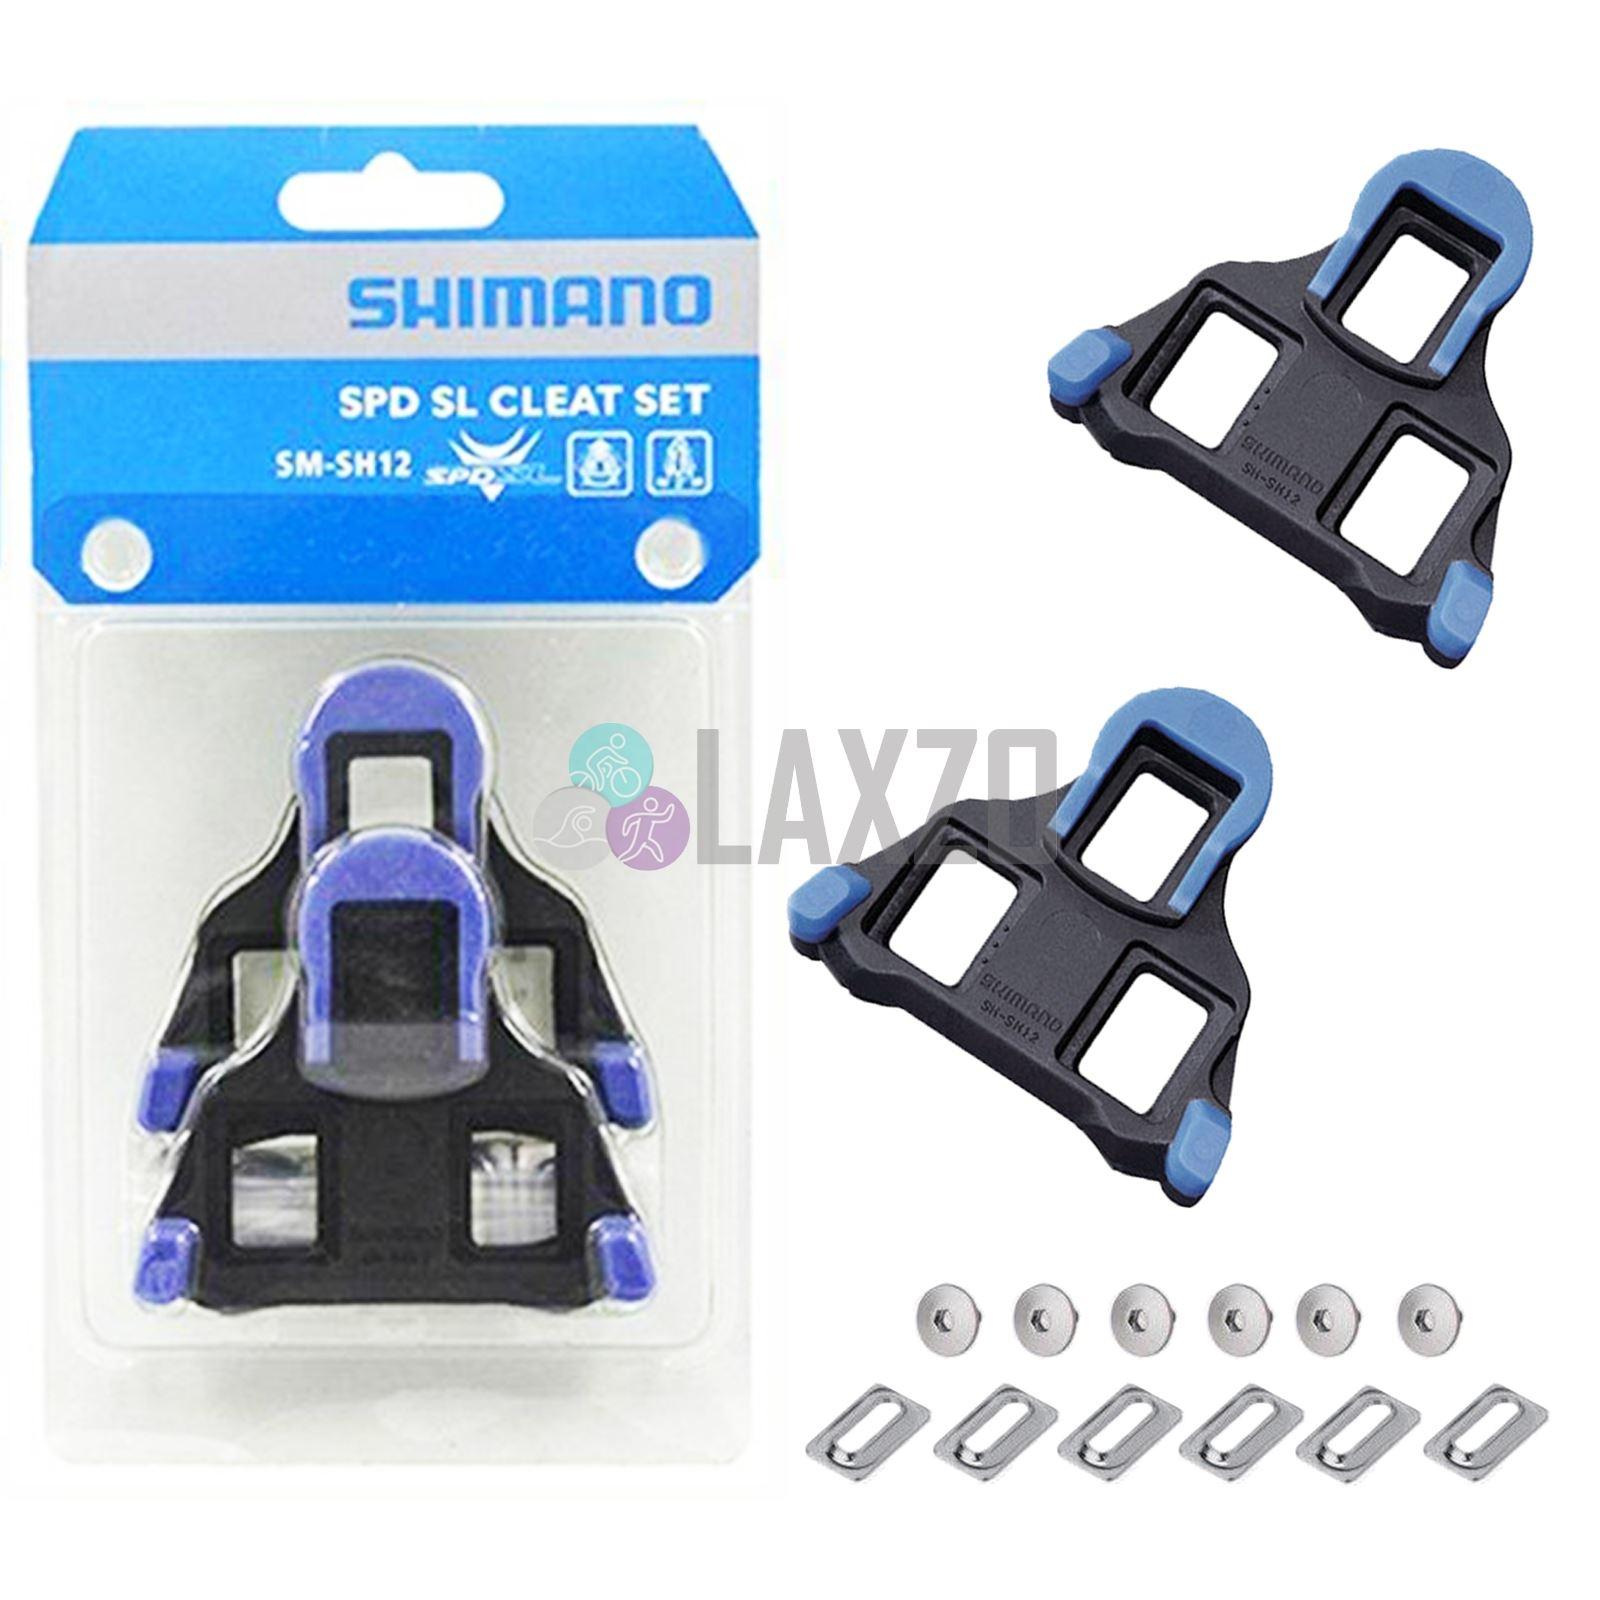 SHIMANO SPD SM-SH12